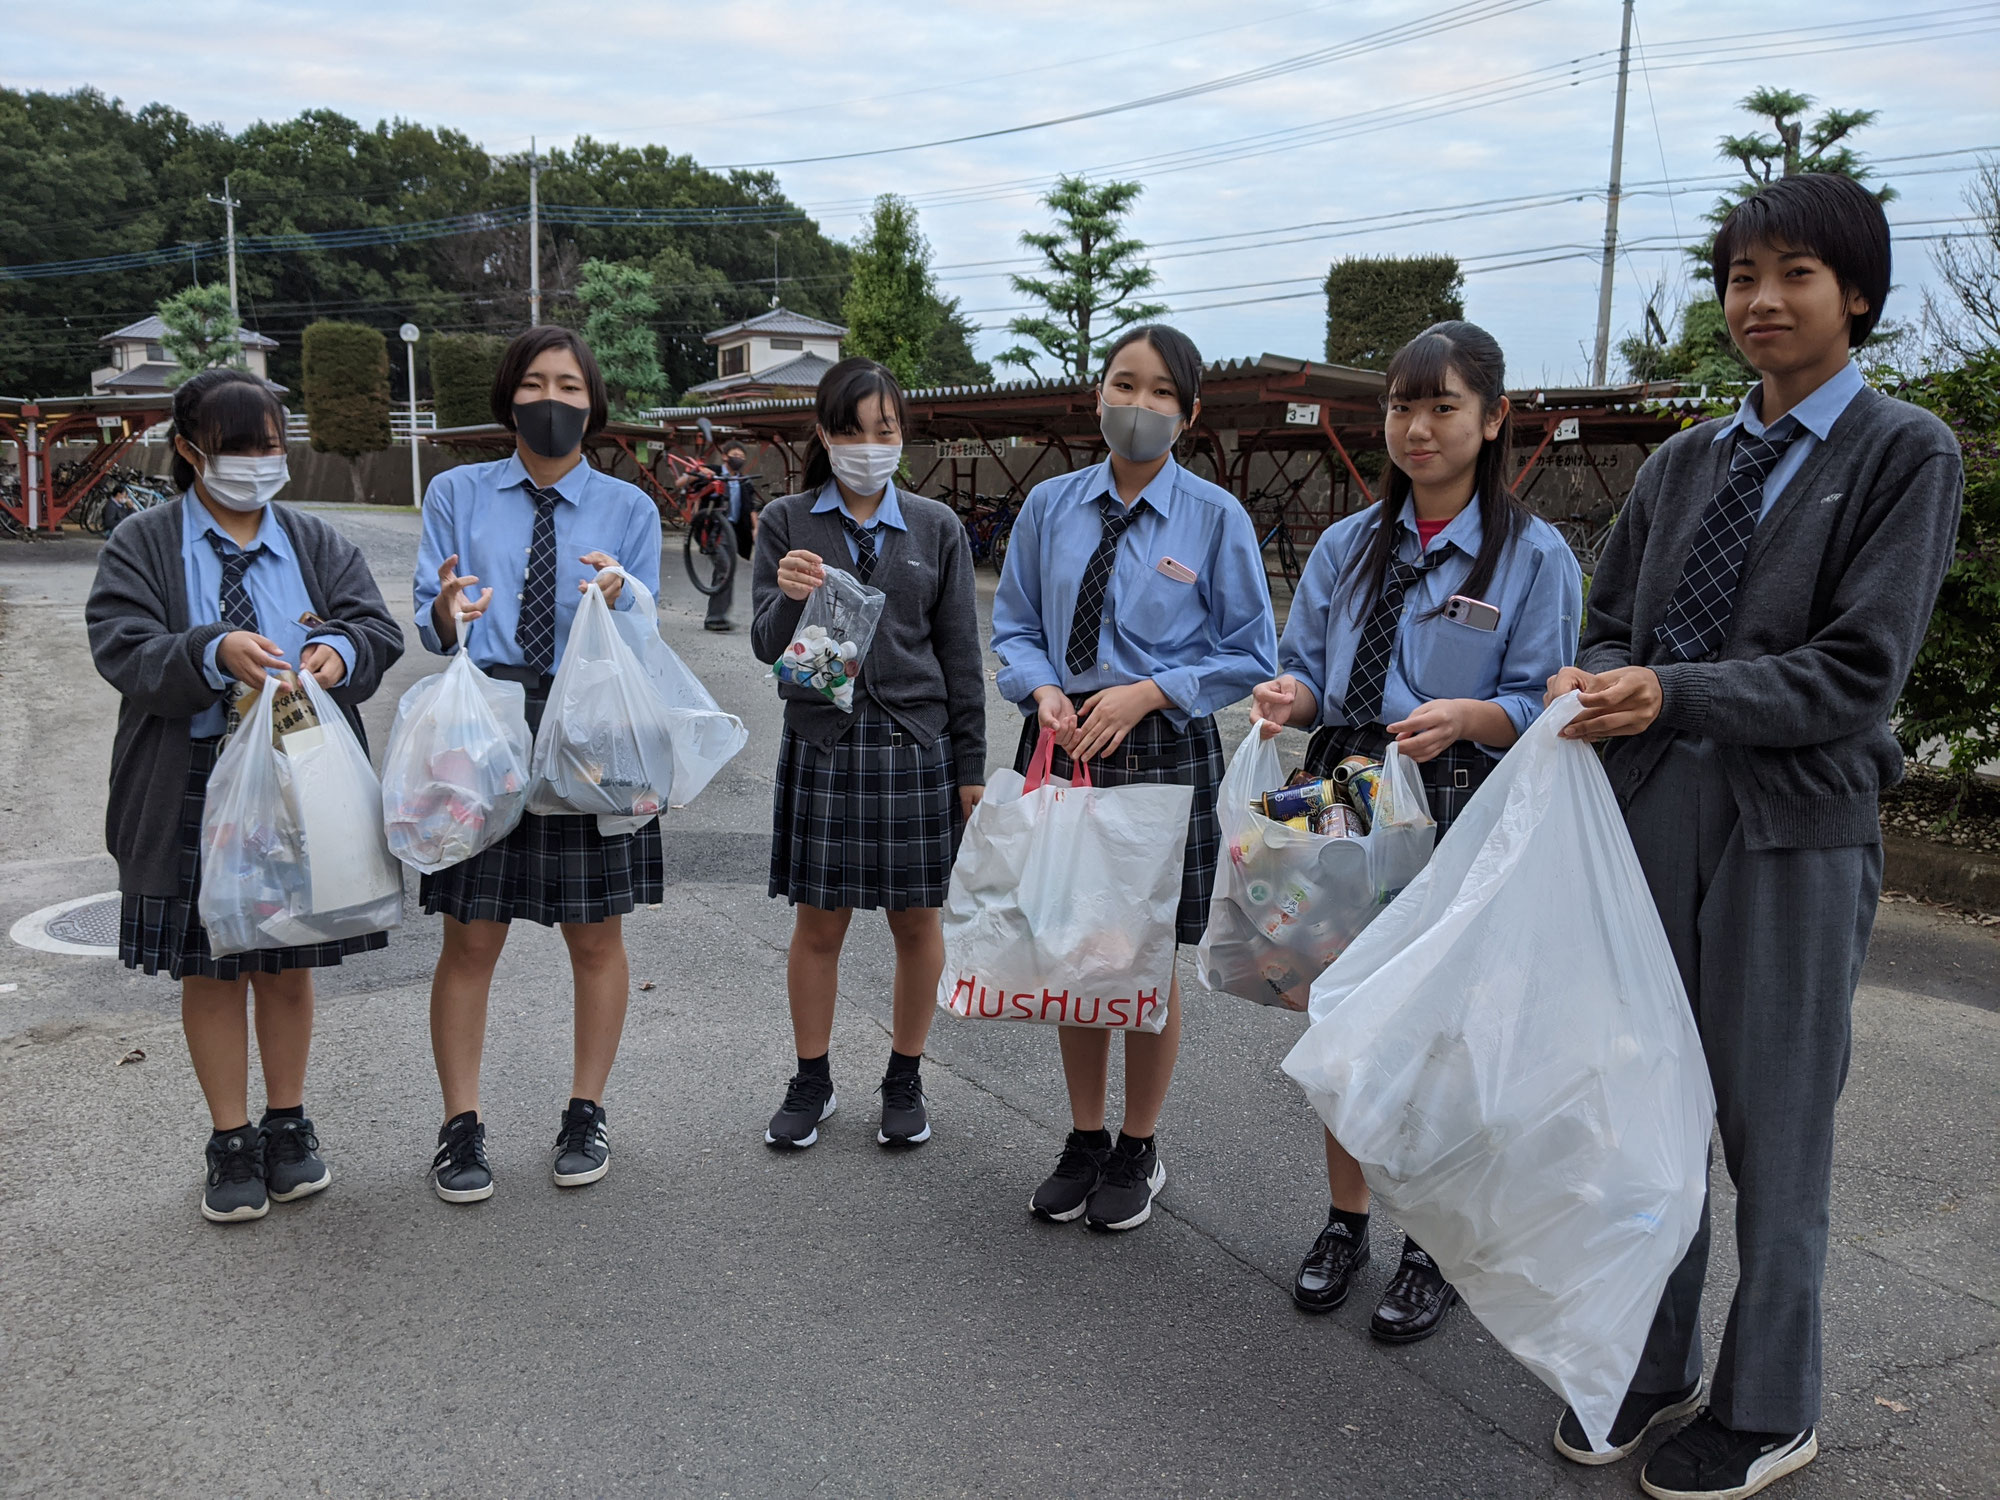 (公財)ソロプチミスト日本財団贈呈式の中止